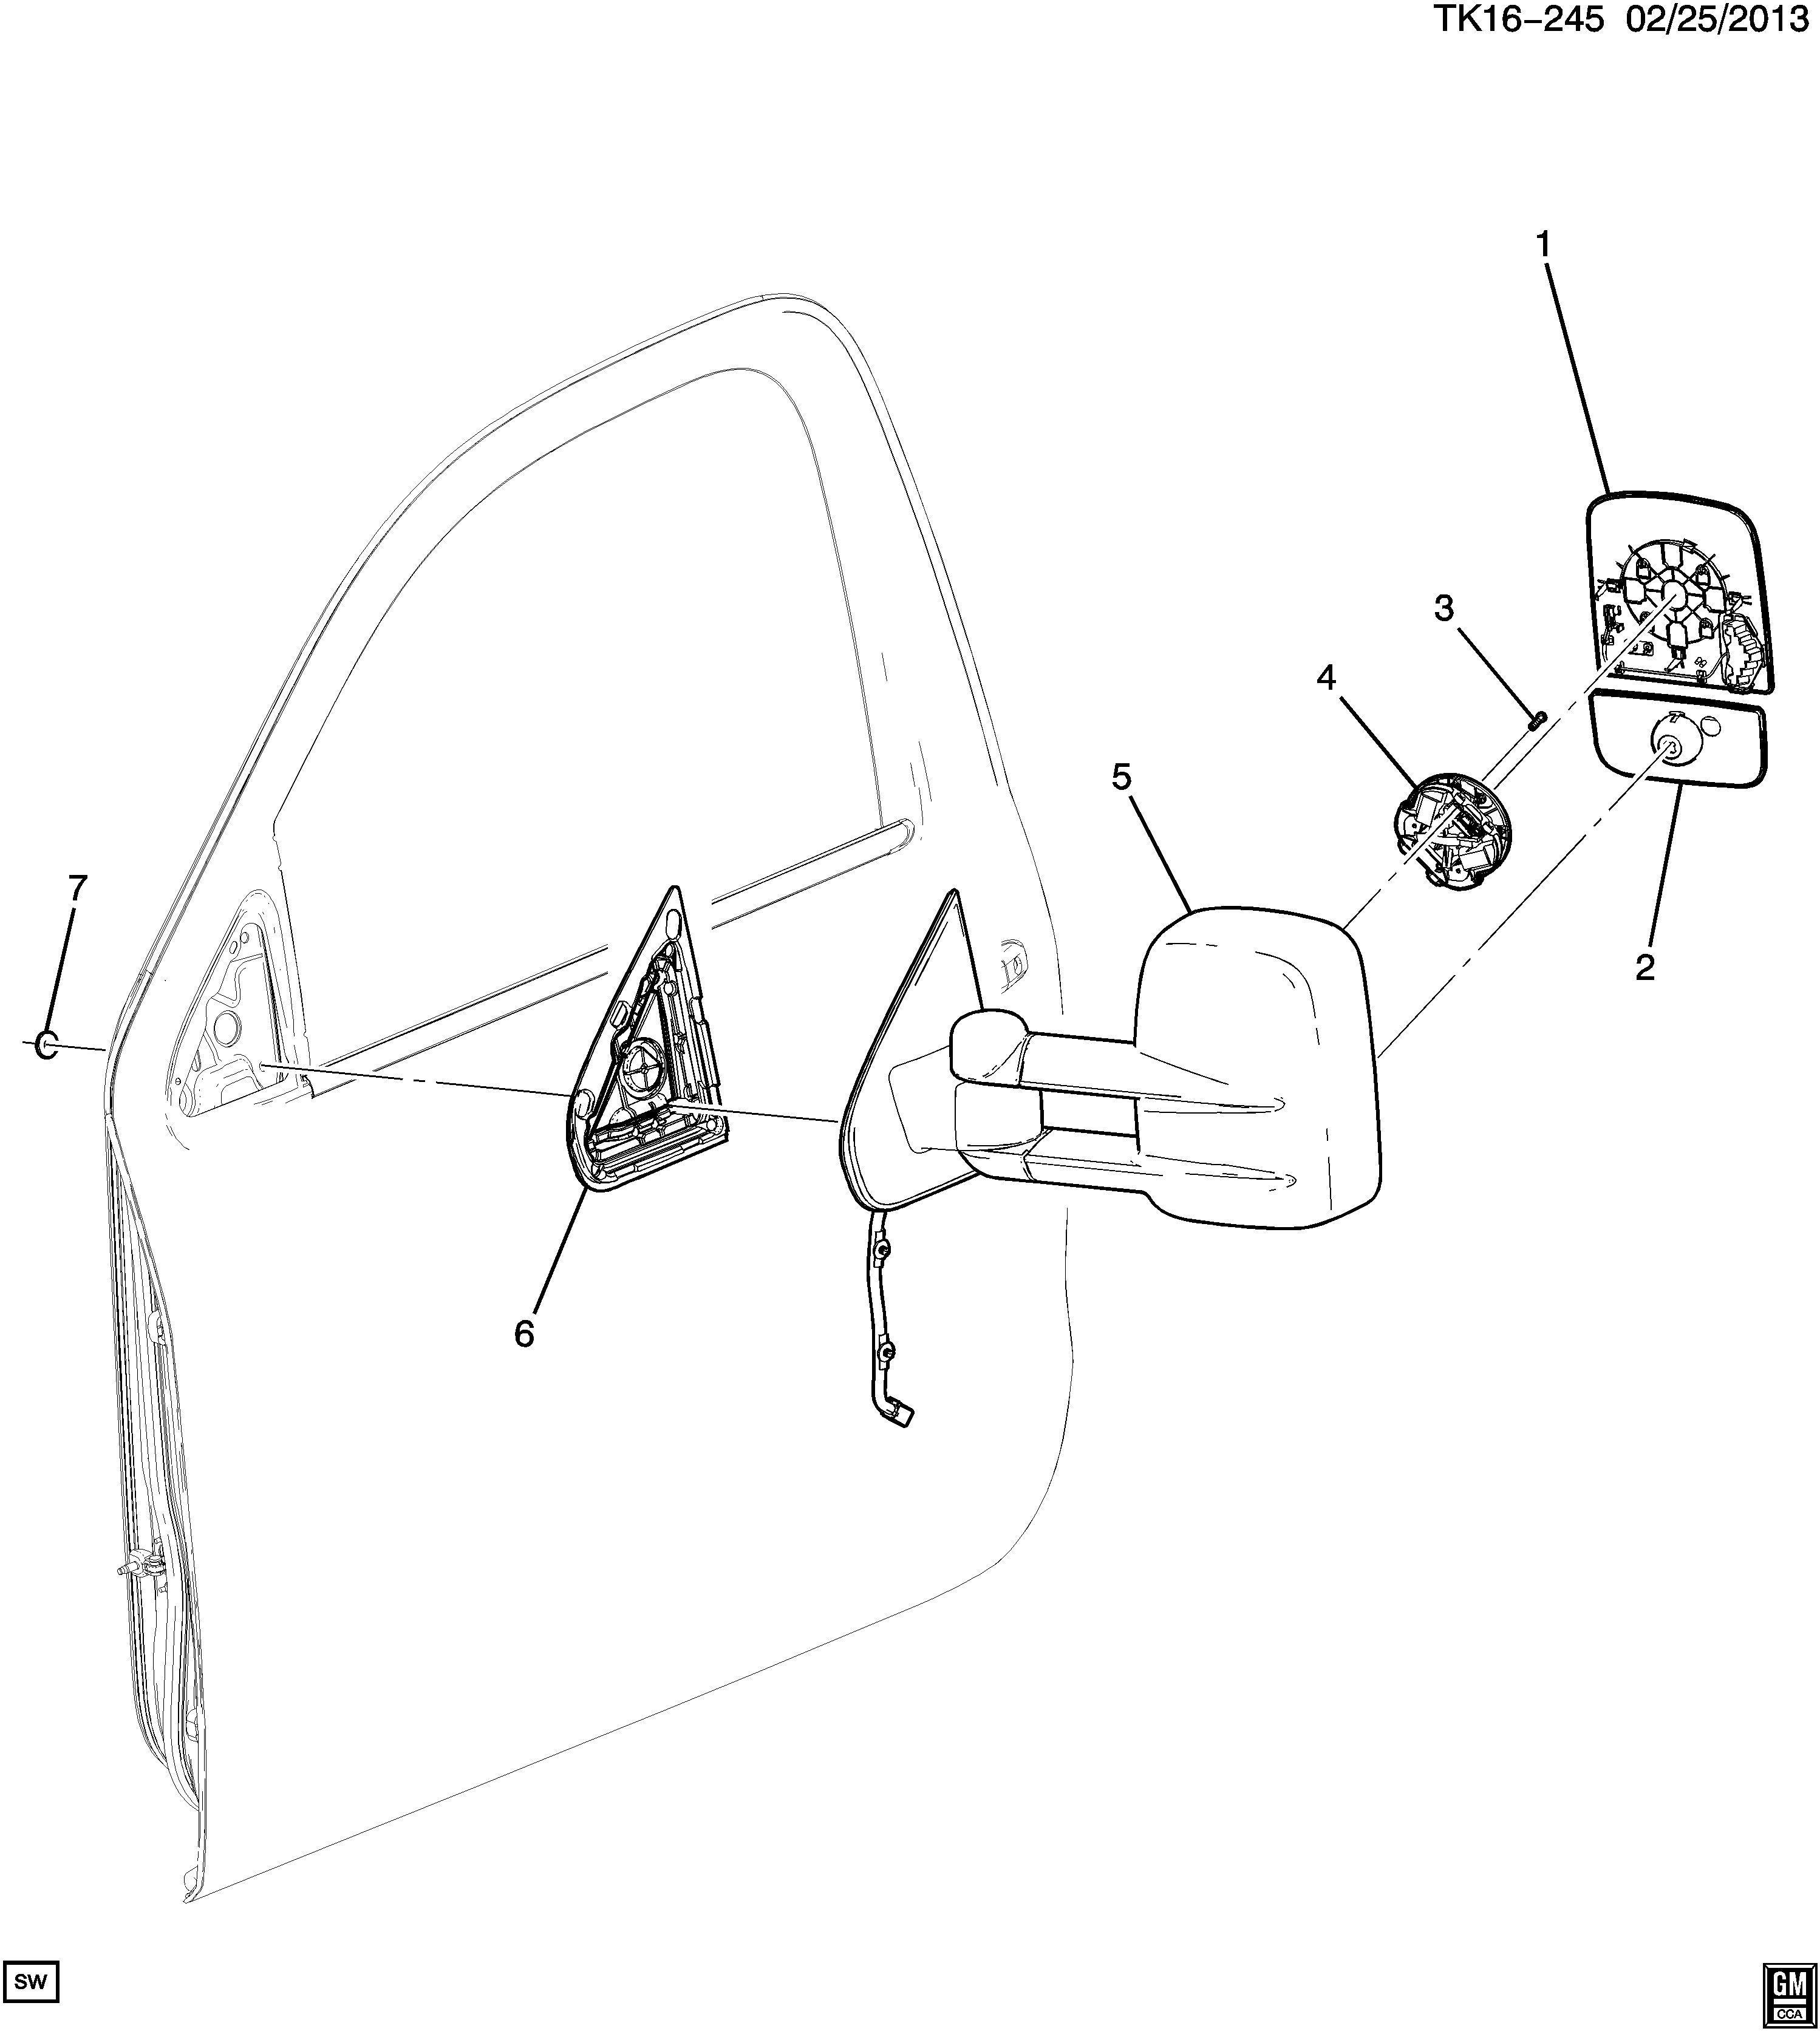 Chevrolet Silverado Base Rear View Mirror